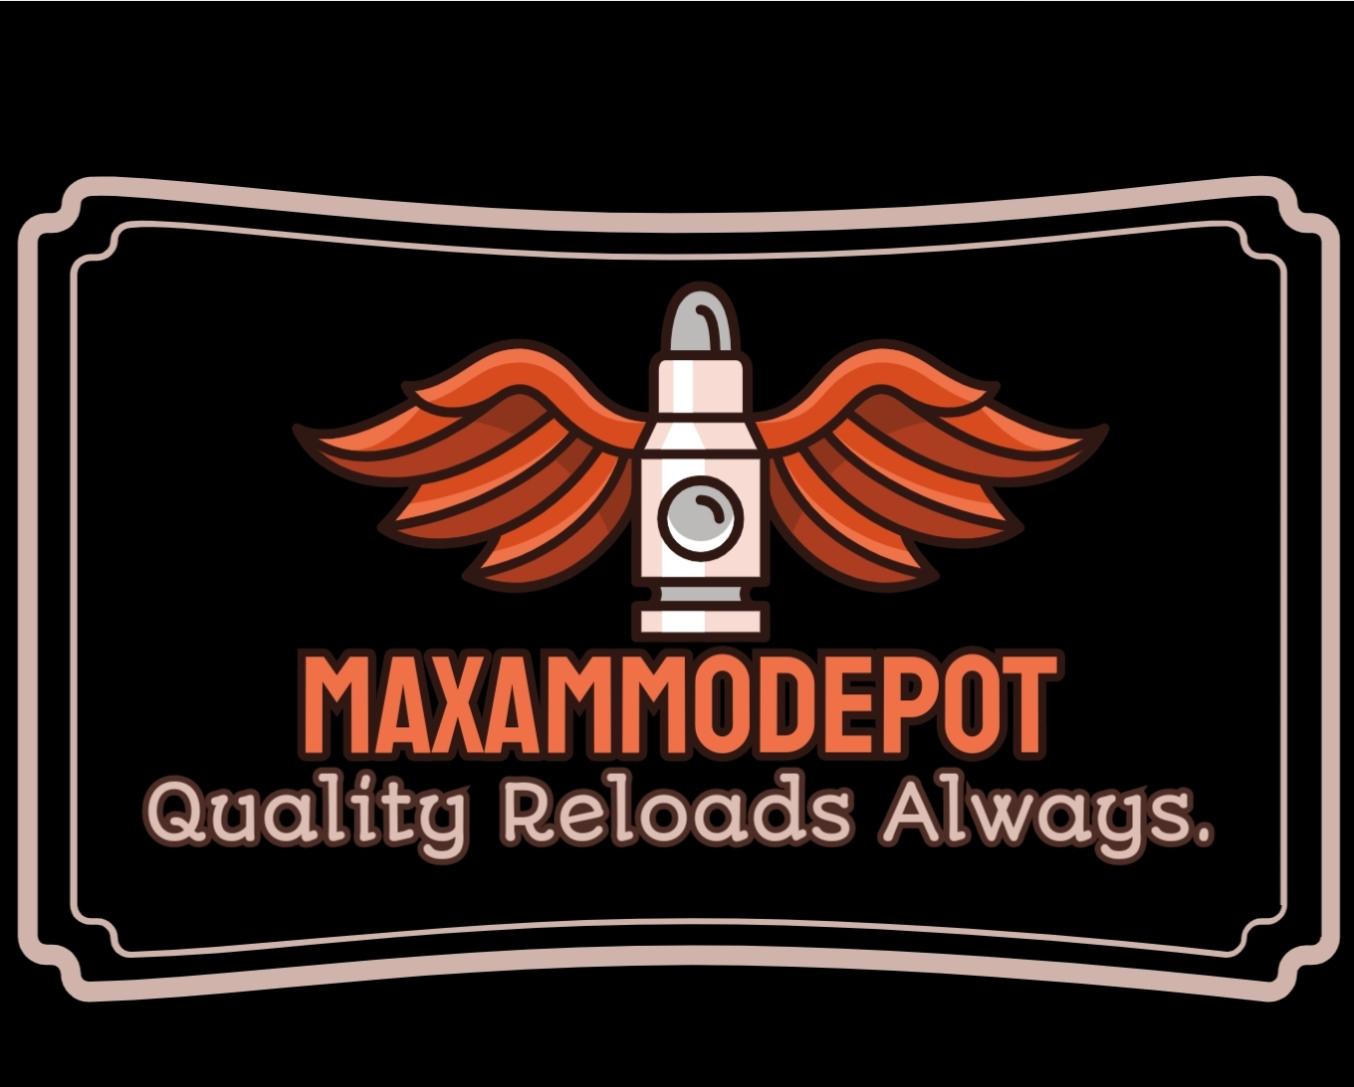 MAXAMMODEPOT